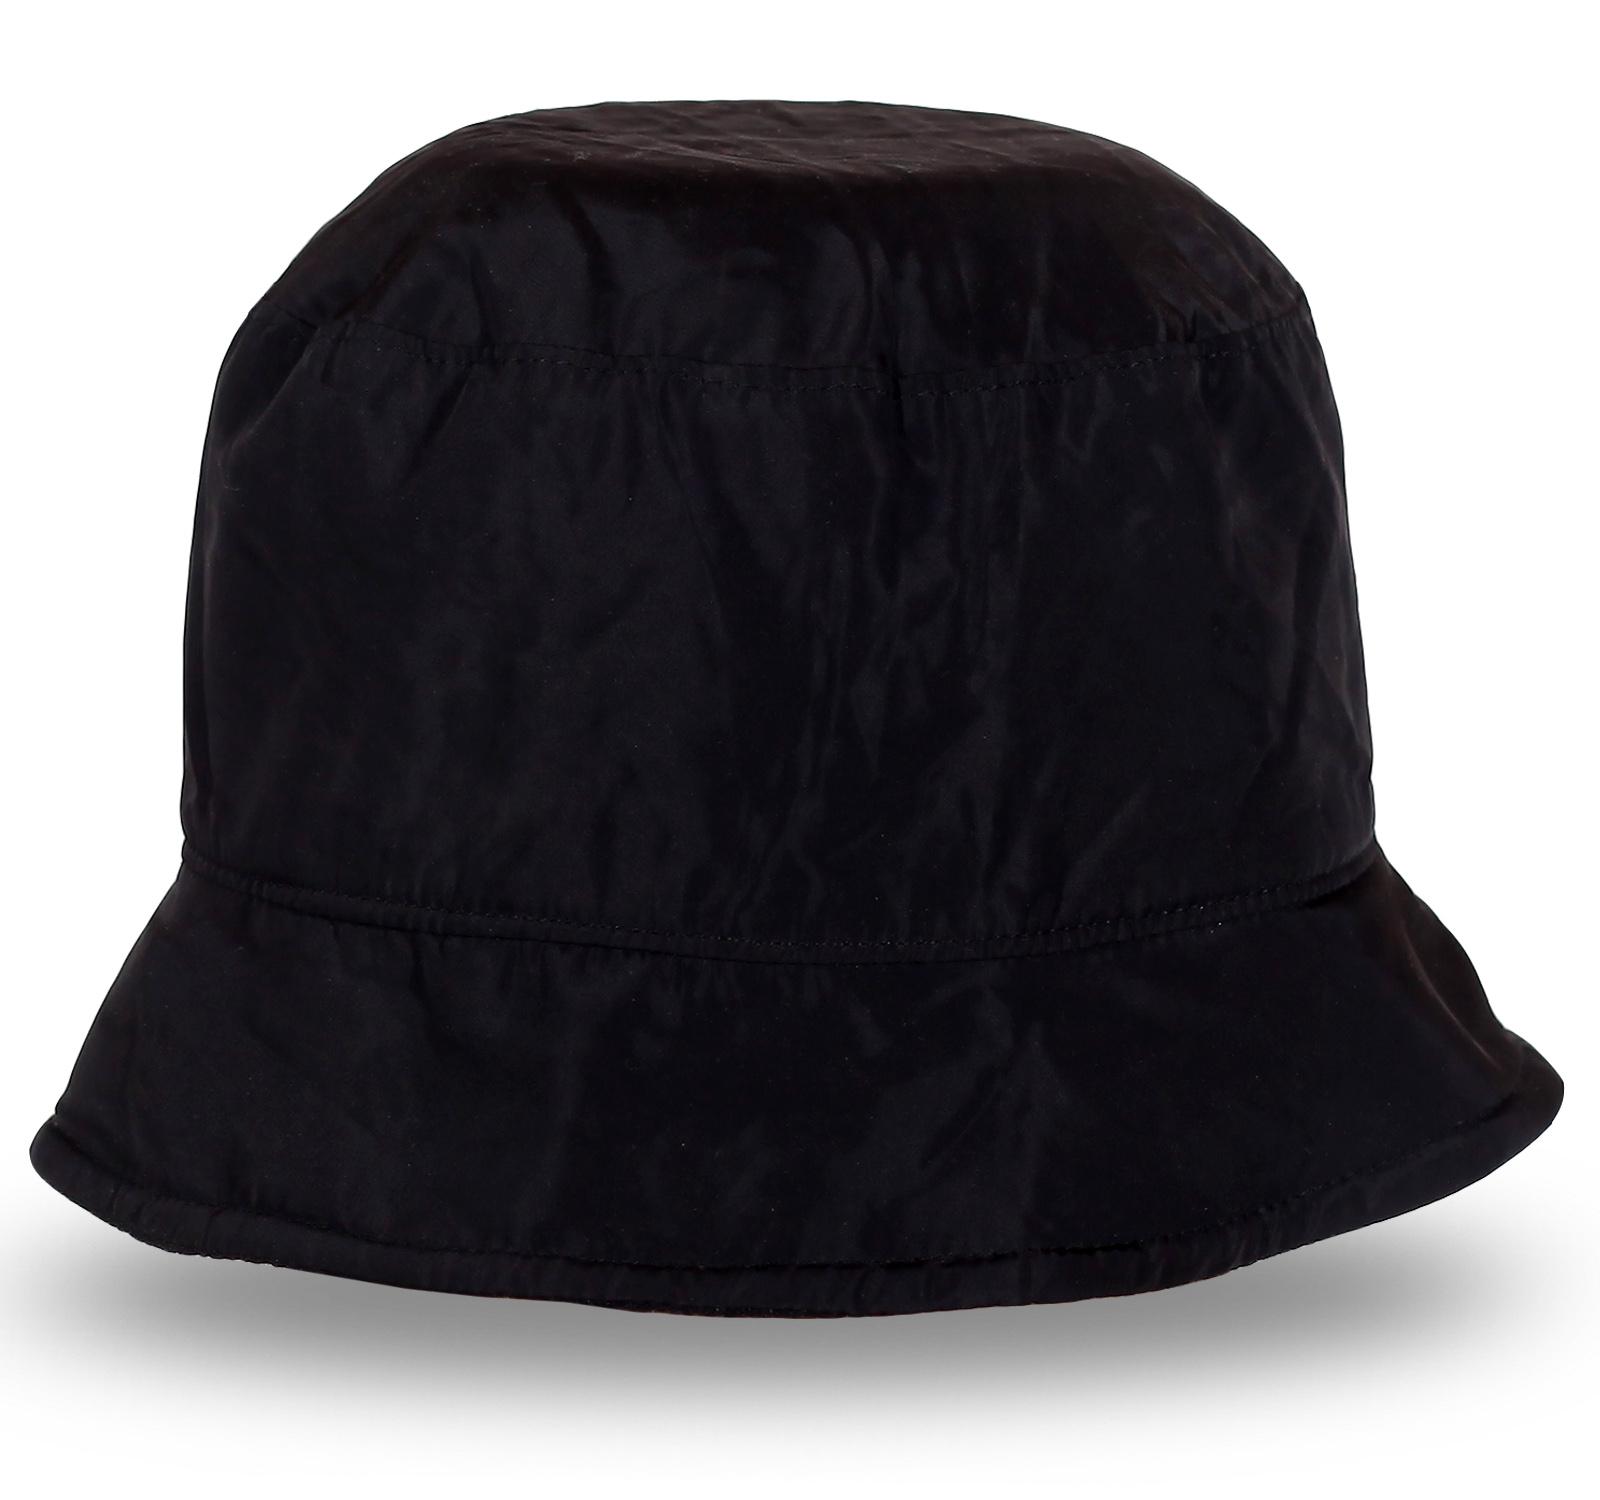 Легкая черная шляпа. Успей купить сегодня!